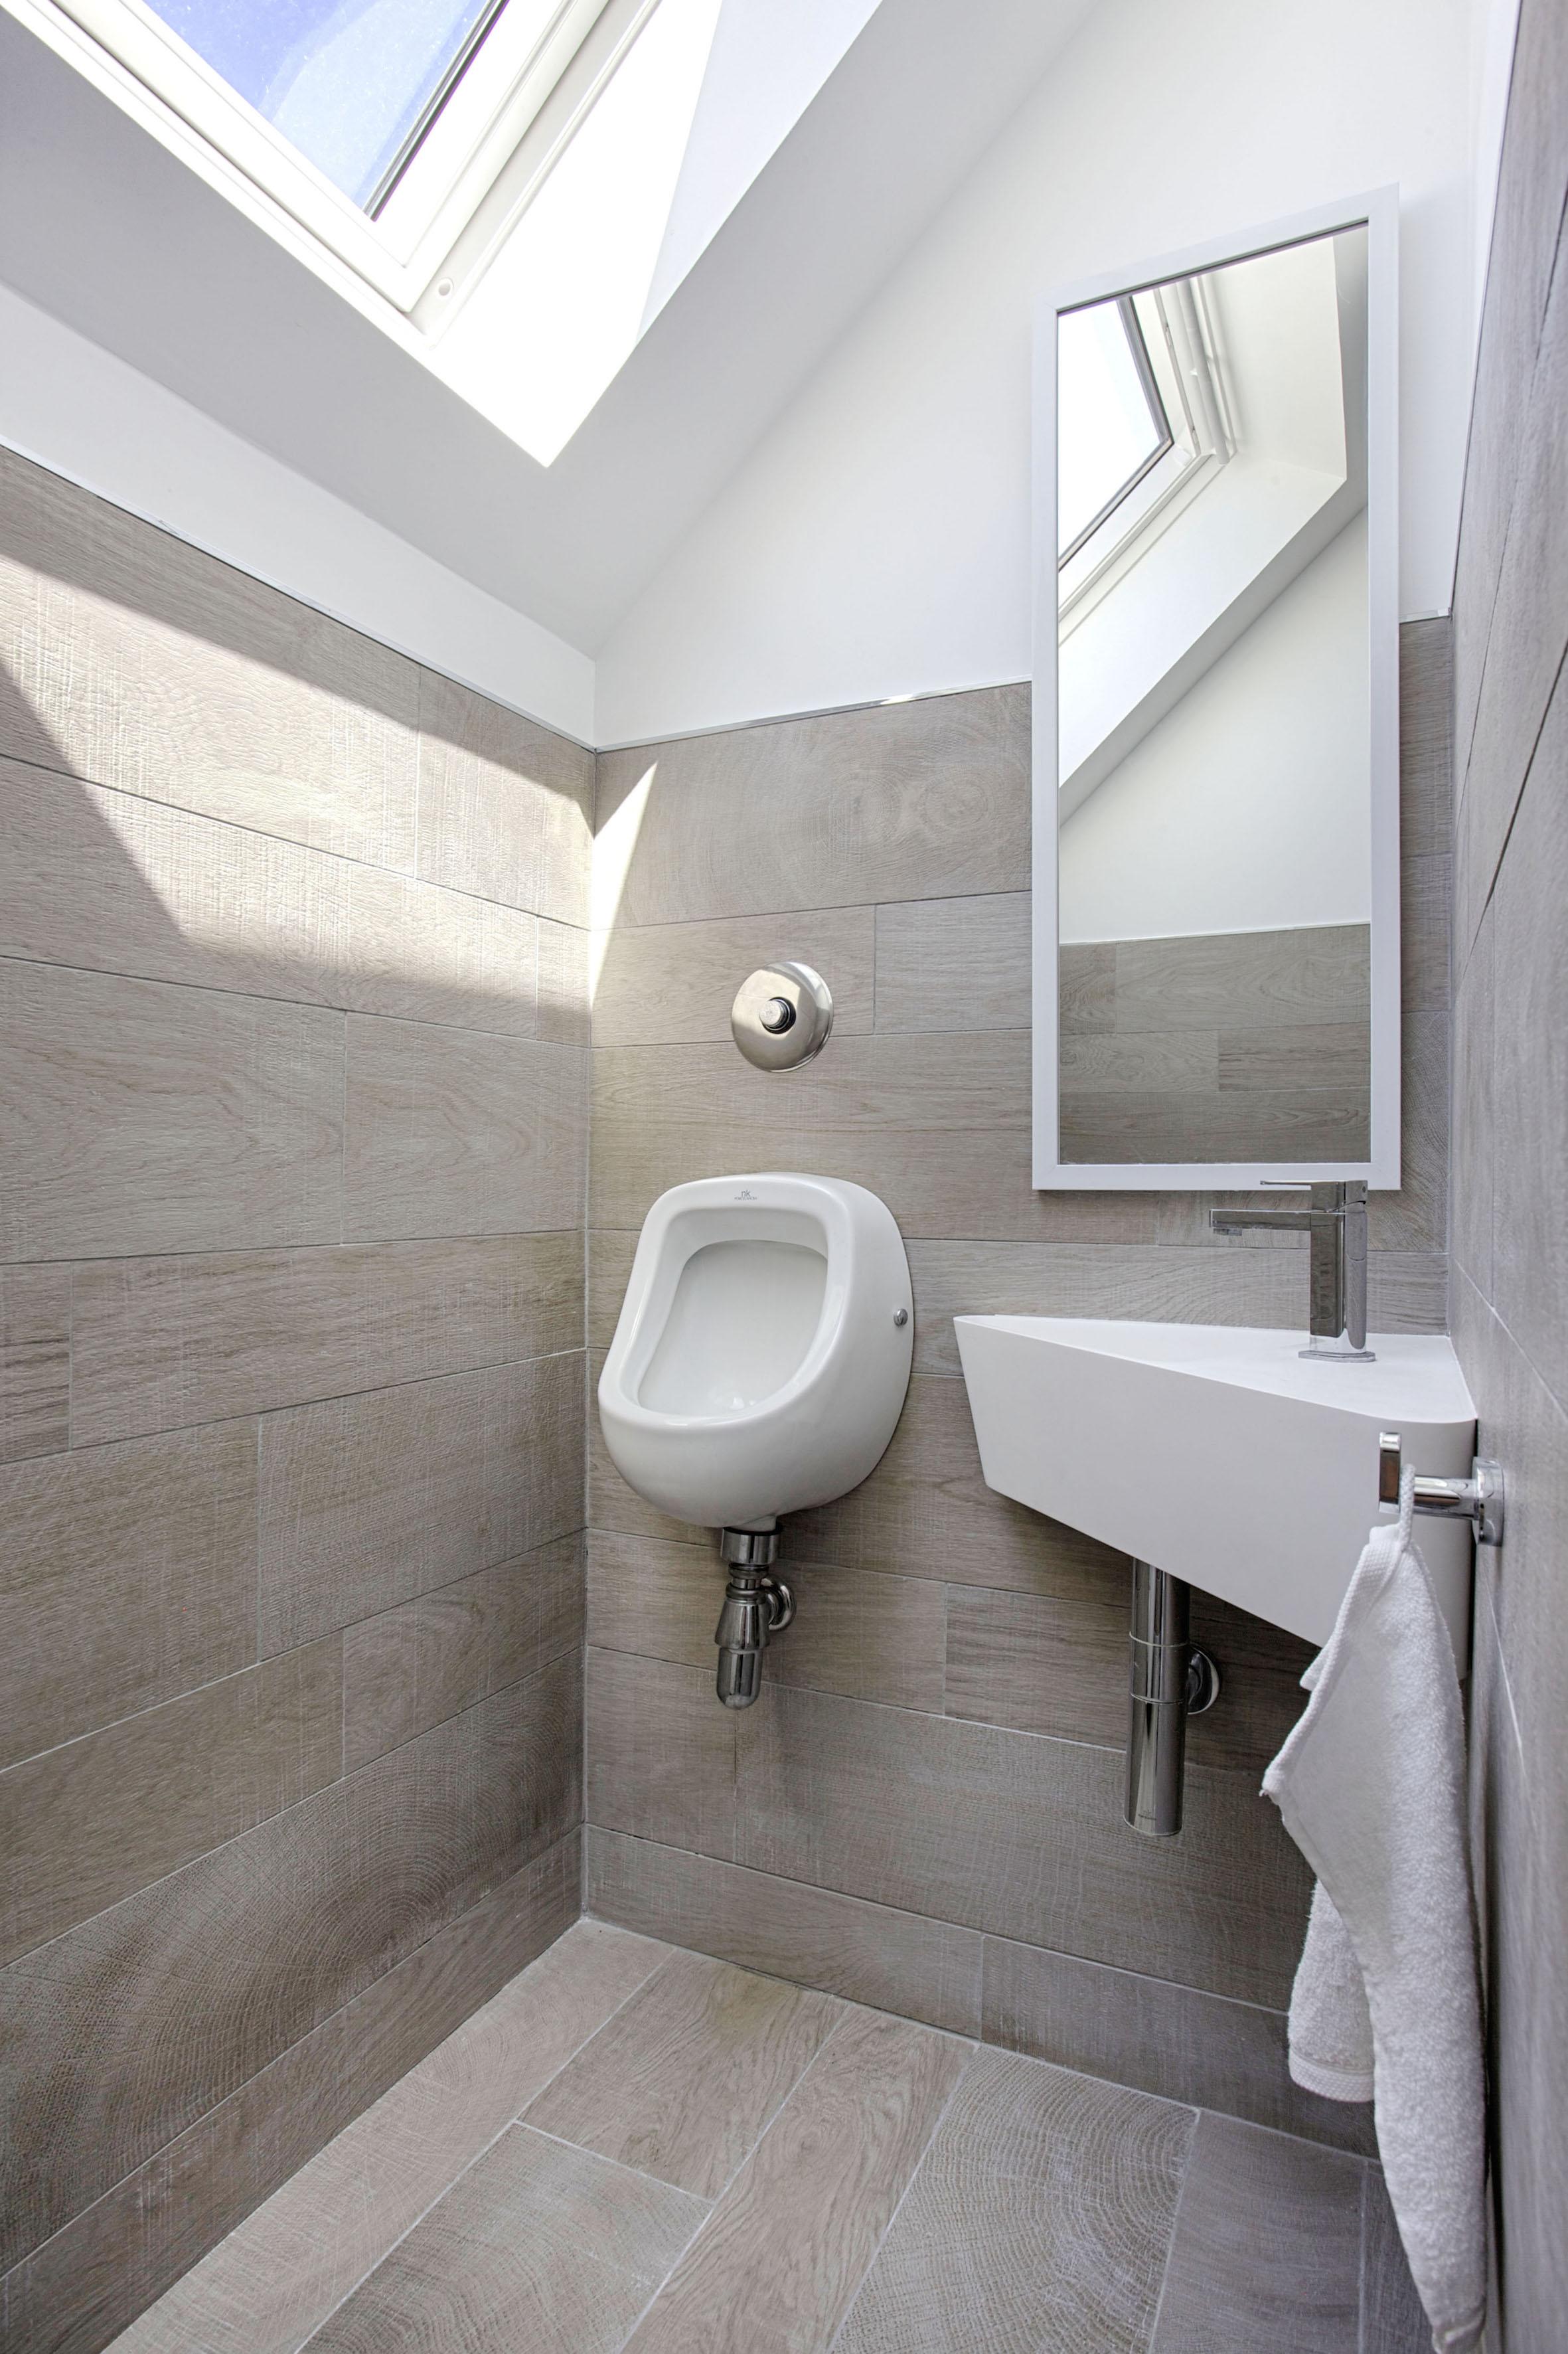 Toilettes moderne avec urinoir par Peggy Guezello 1001 idées